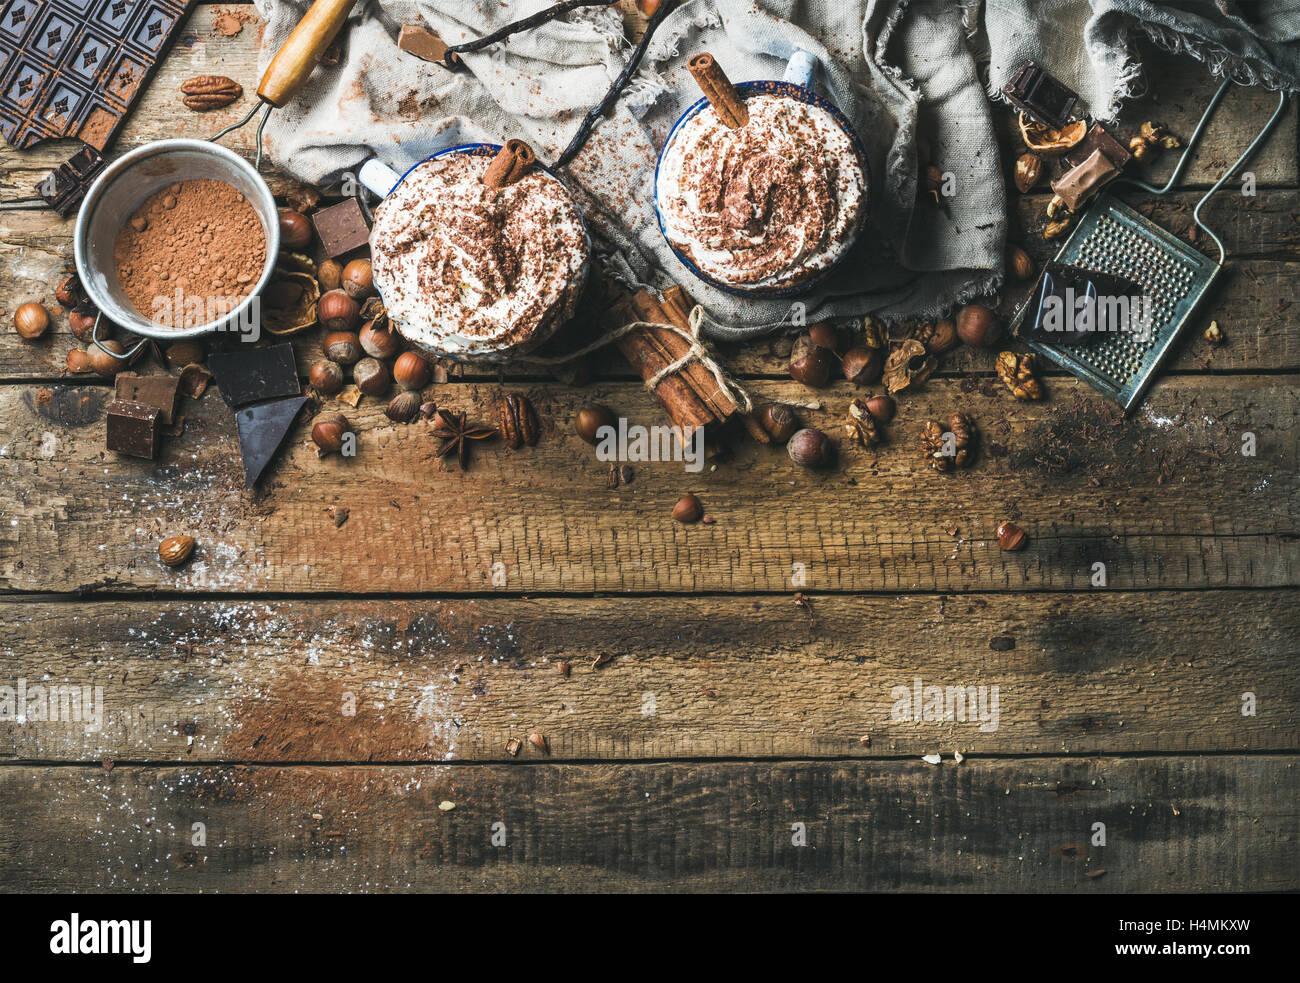 Chocolate caliente con crema batida, nueces, especias y cacao en polvo Imagen De Stock